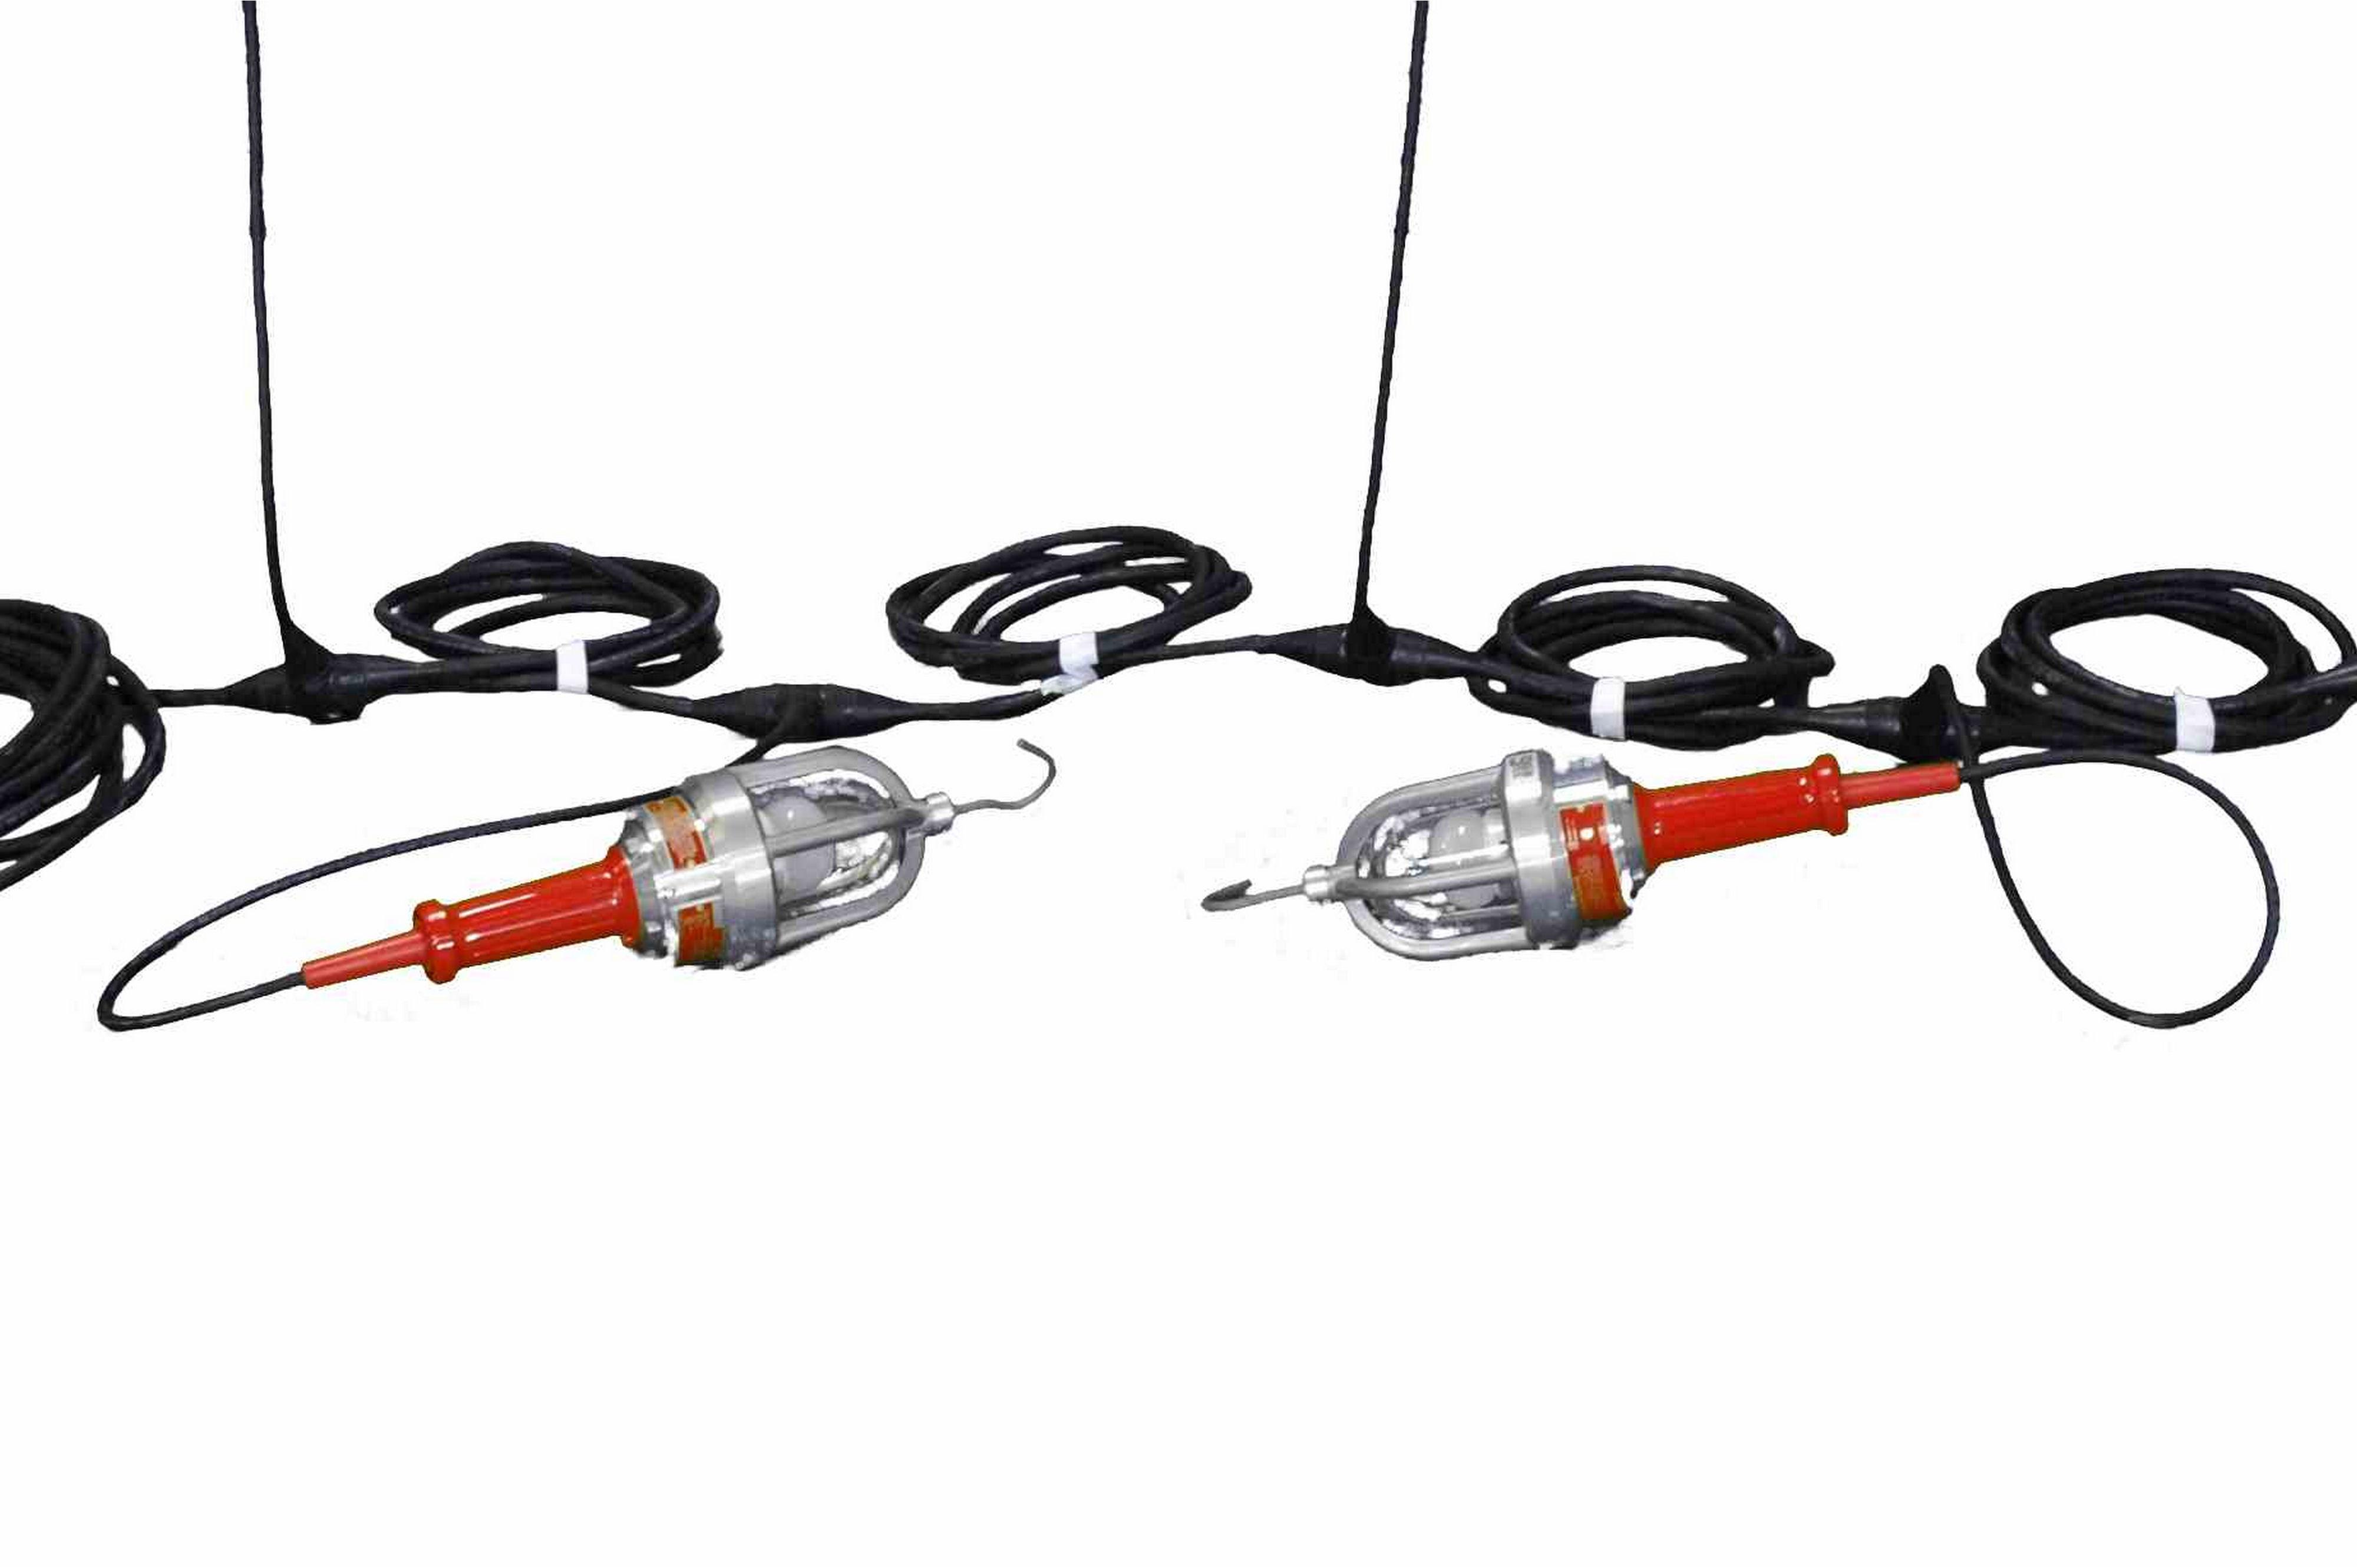 explosion proof led string lights - 7 lights